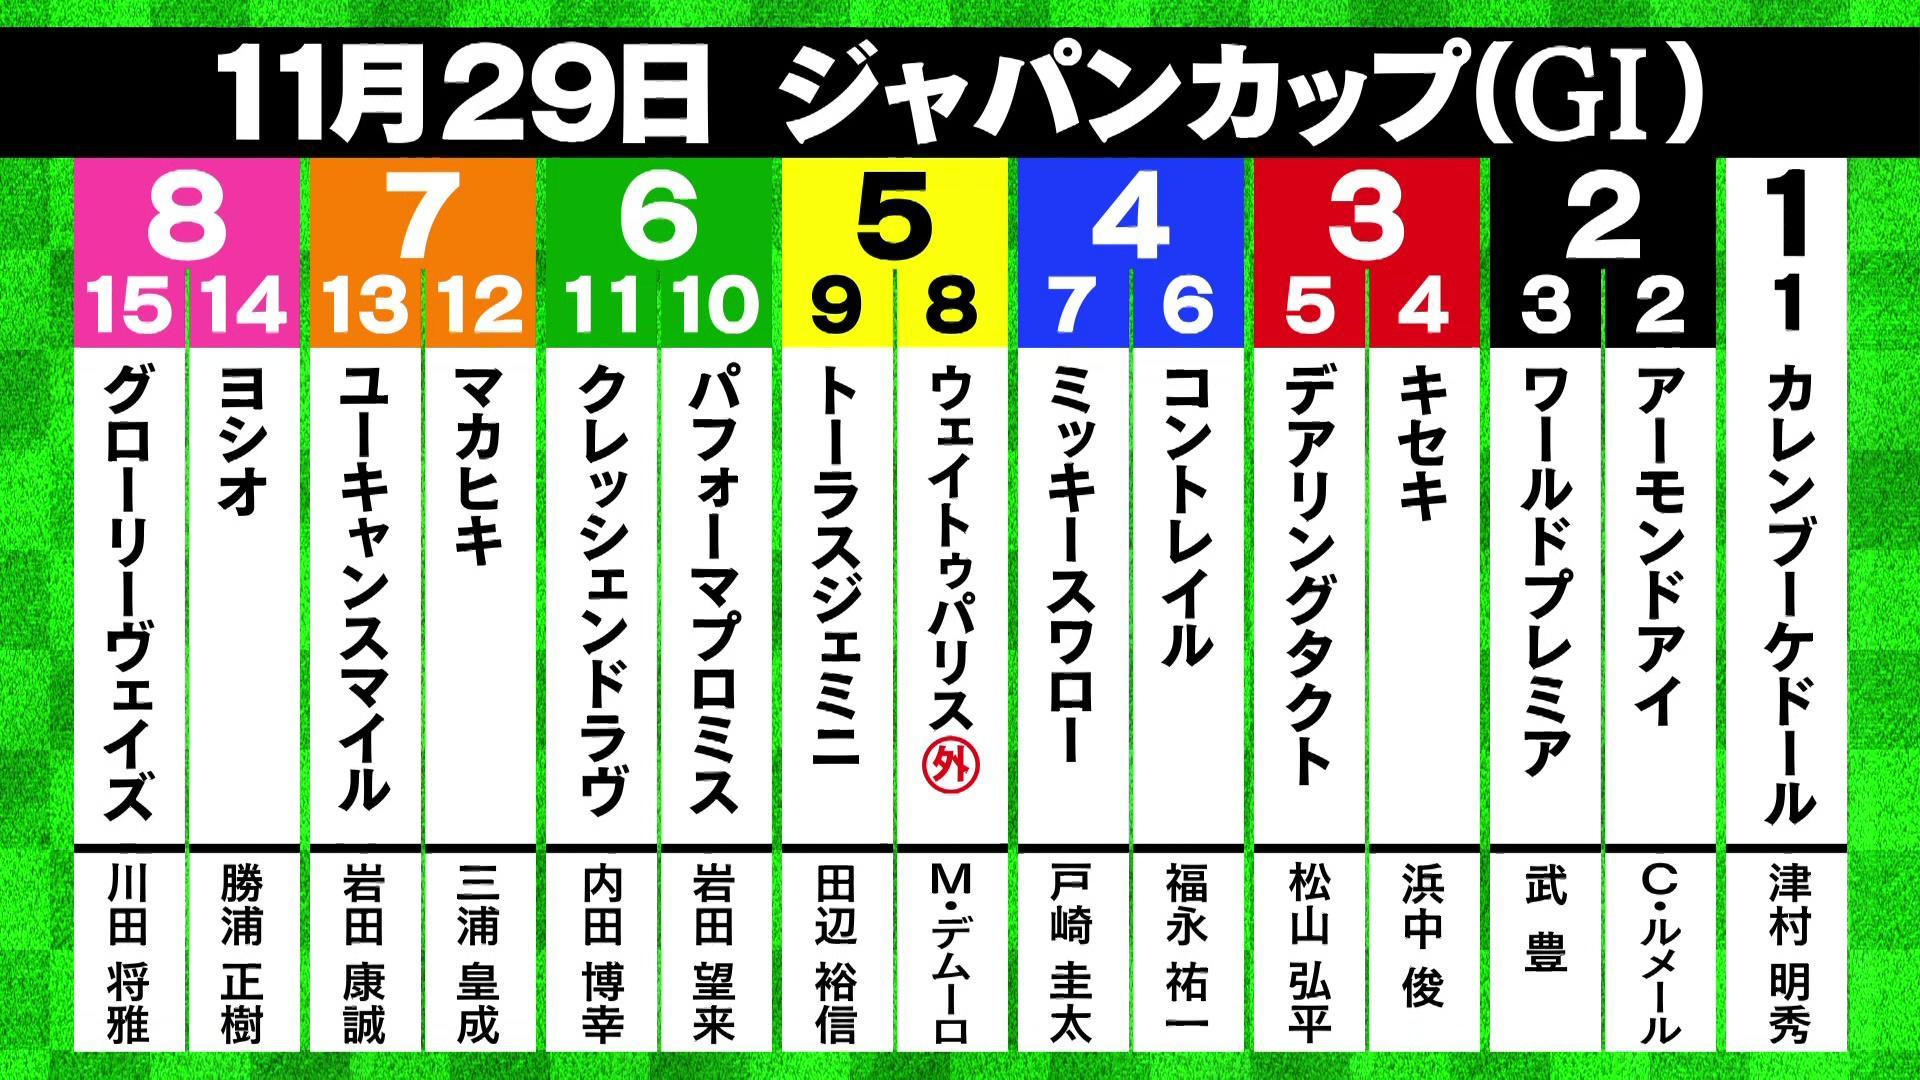 【ジャパンC】アーモンドアイ2.2倍 コントレイル3.1倍 デアリングタクト3.5倍 前日最終オッズ